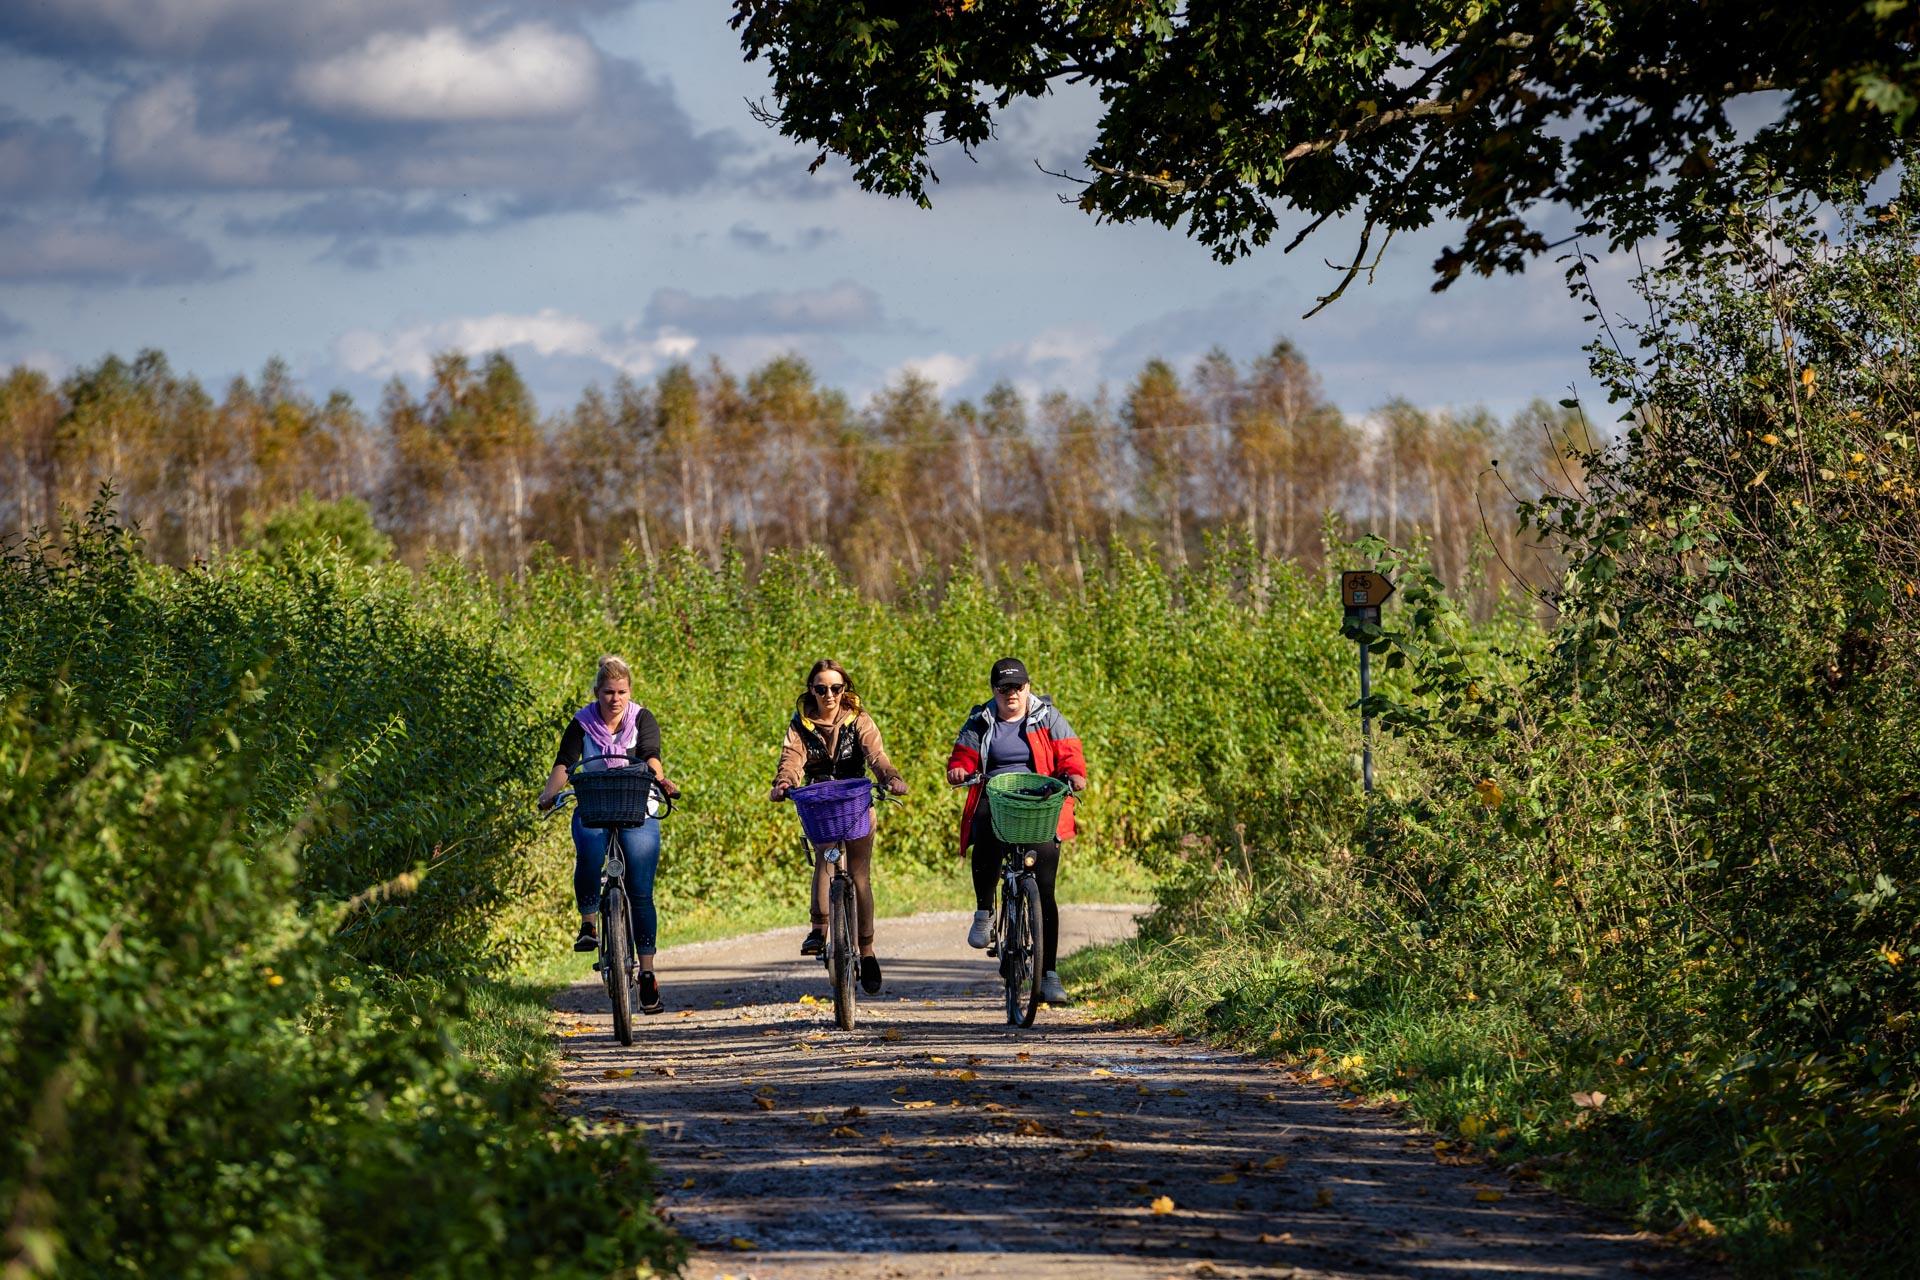 Trzy rowerzystki kolorowo ubrane jadą drogą polną wśród zielonej roślinności